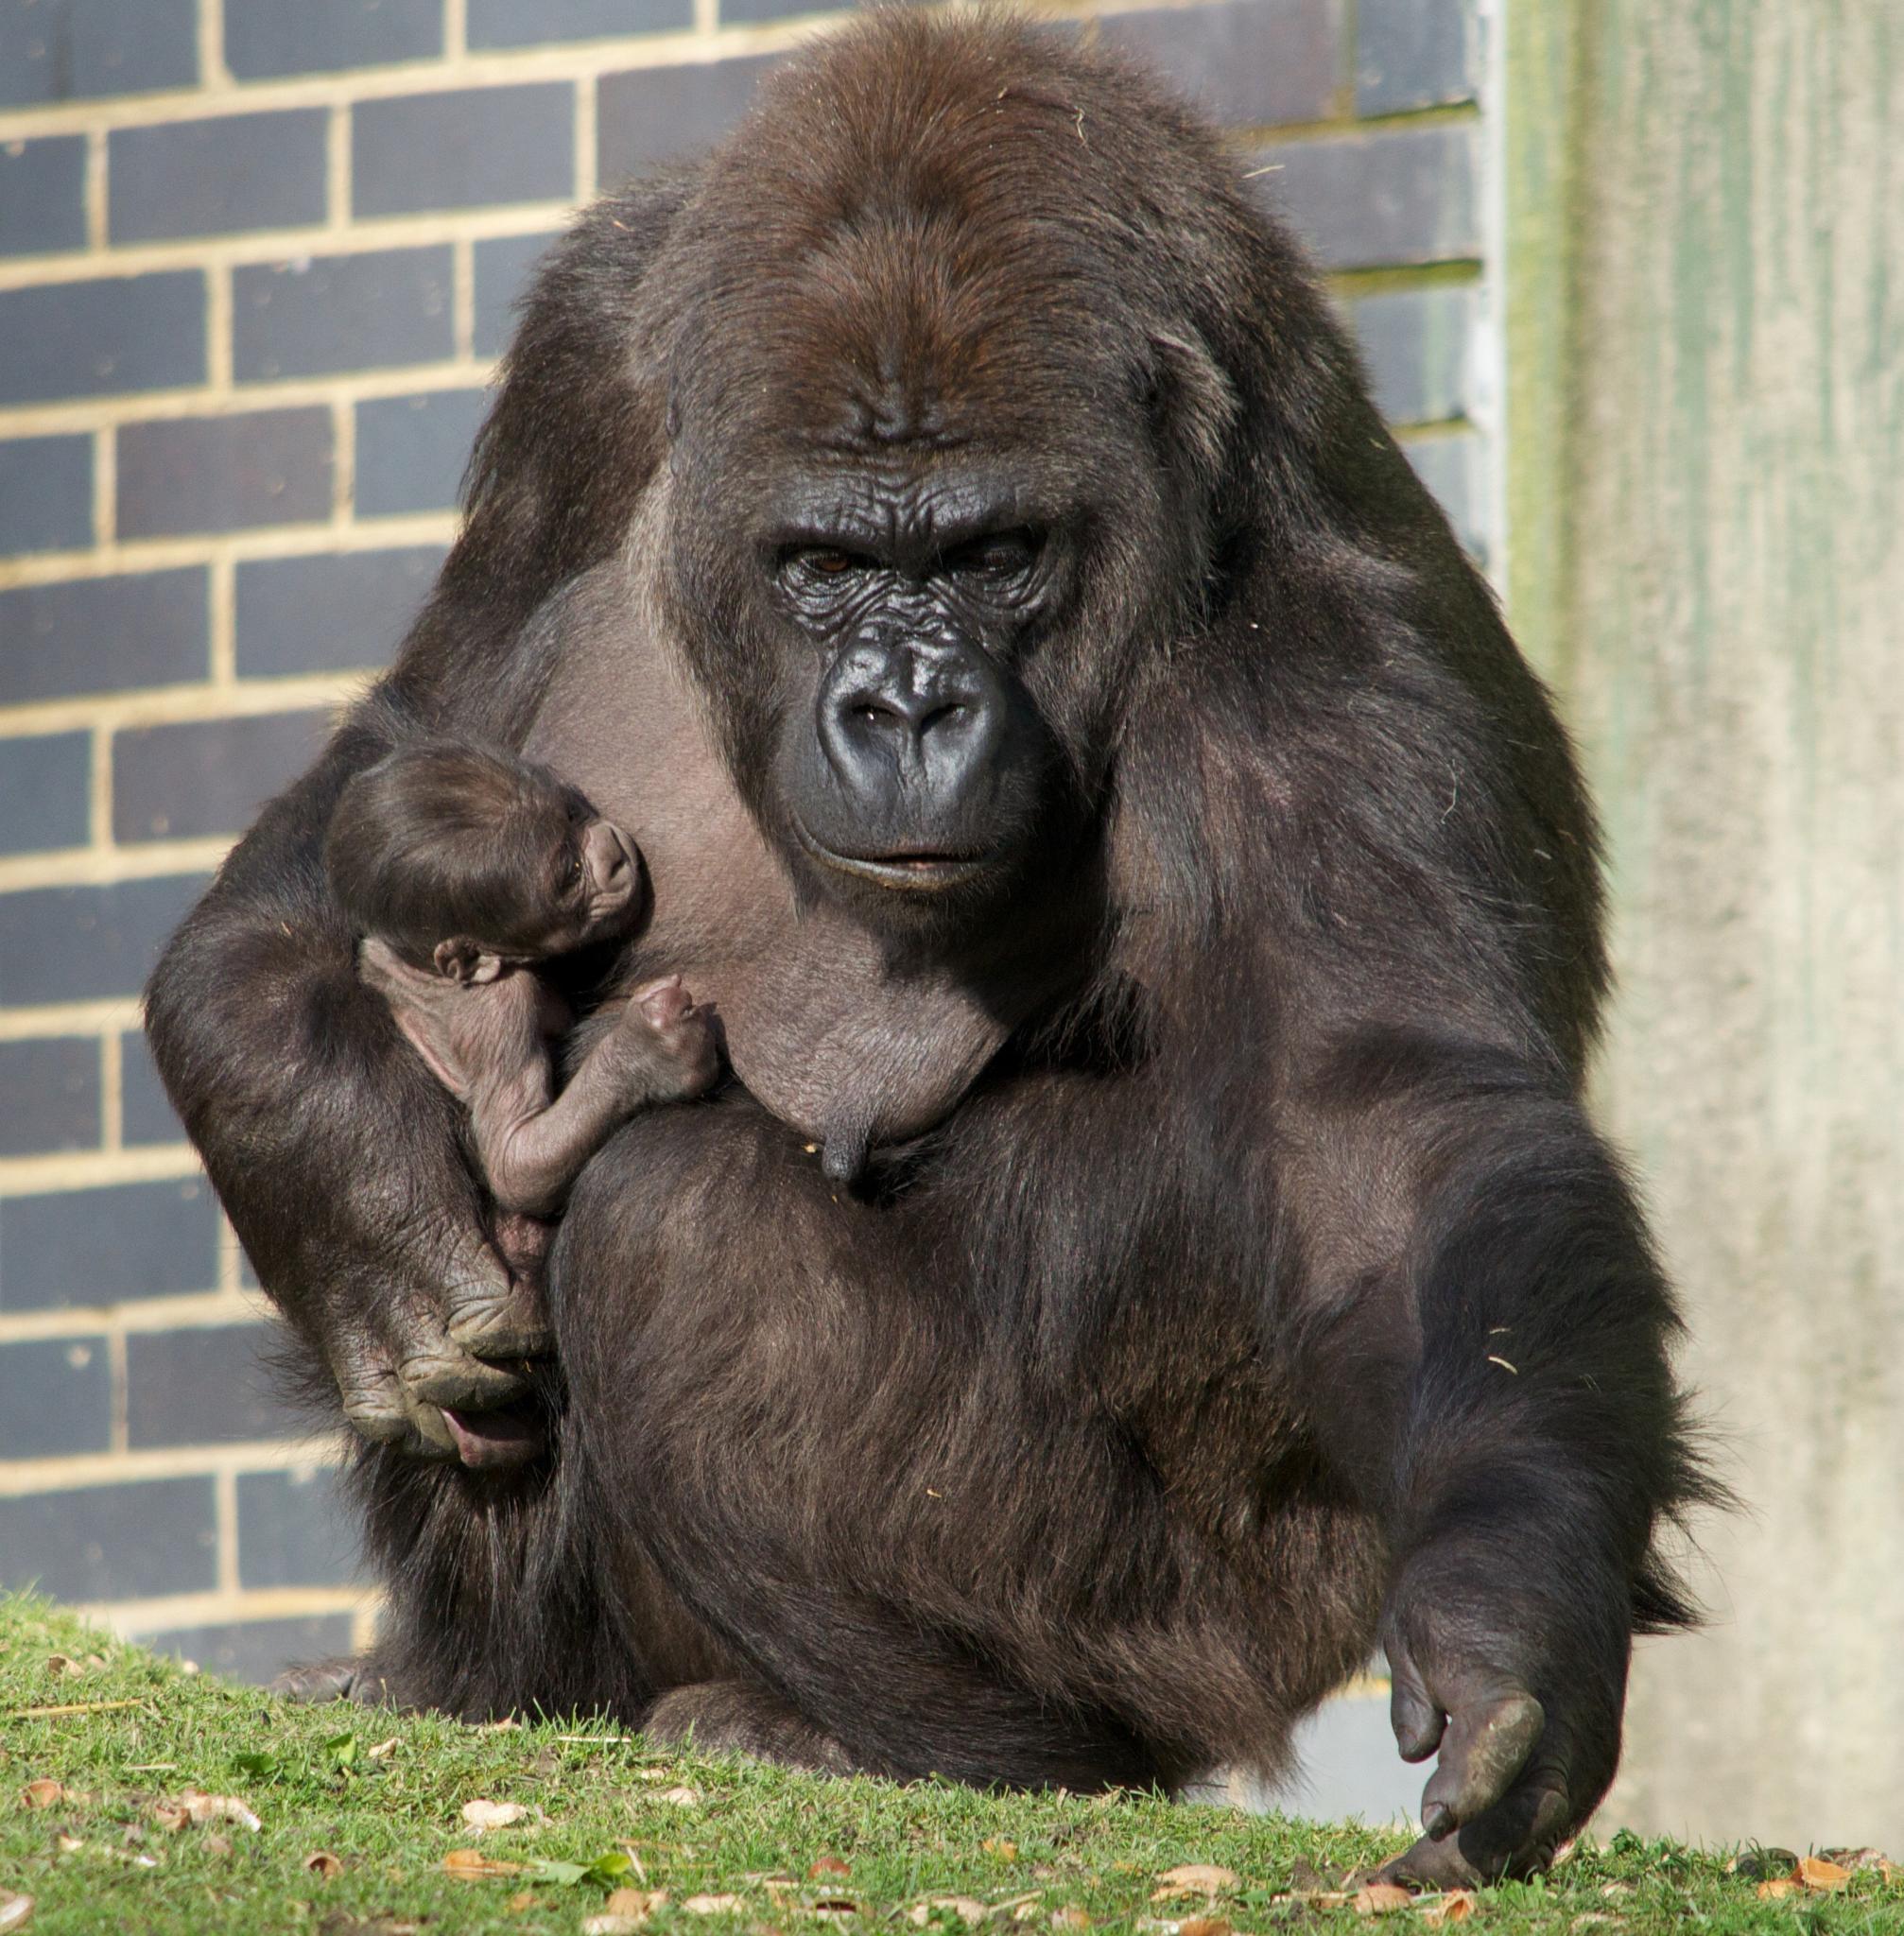 Gorilla Mummy by Fi Ona H